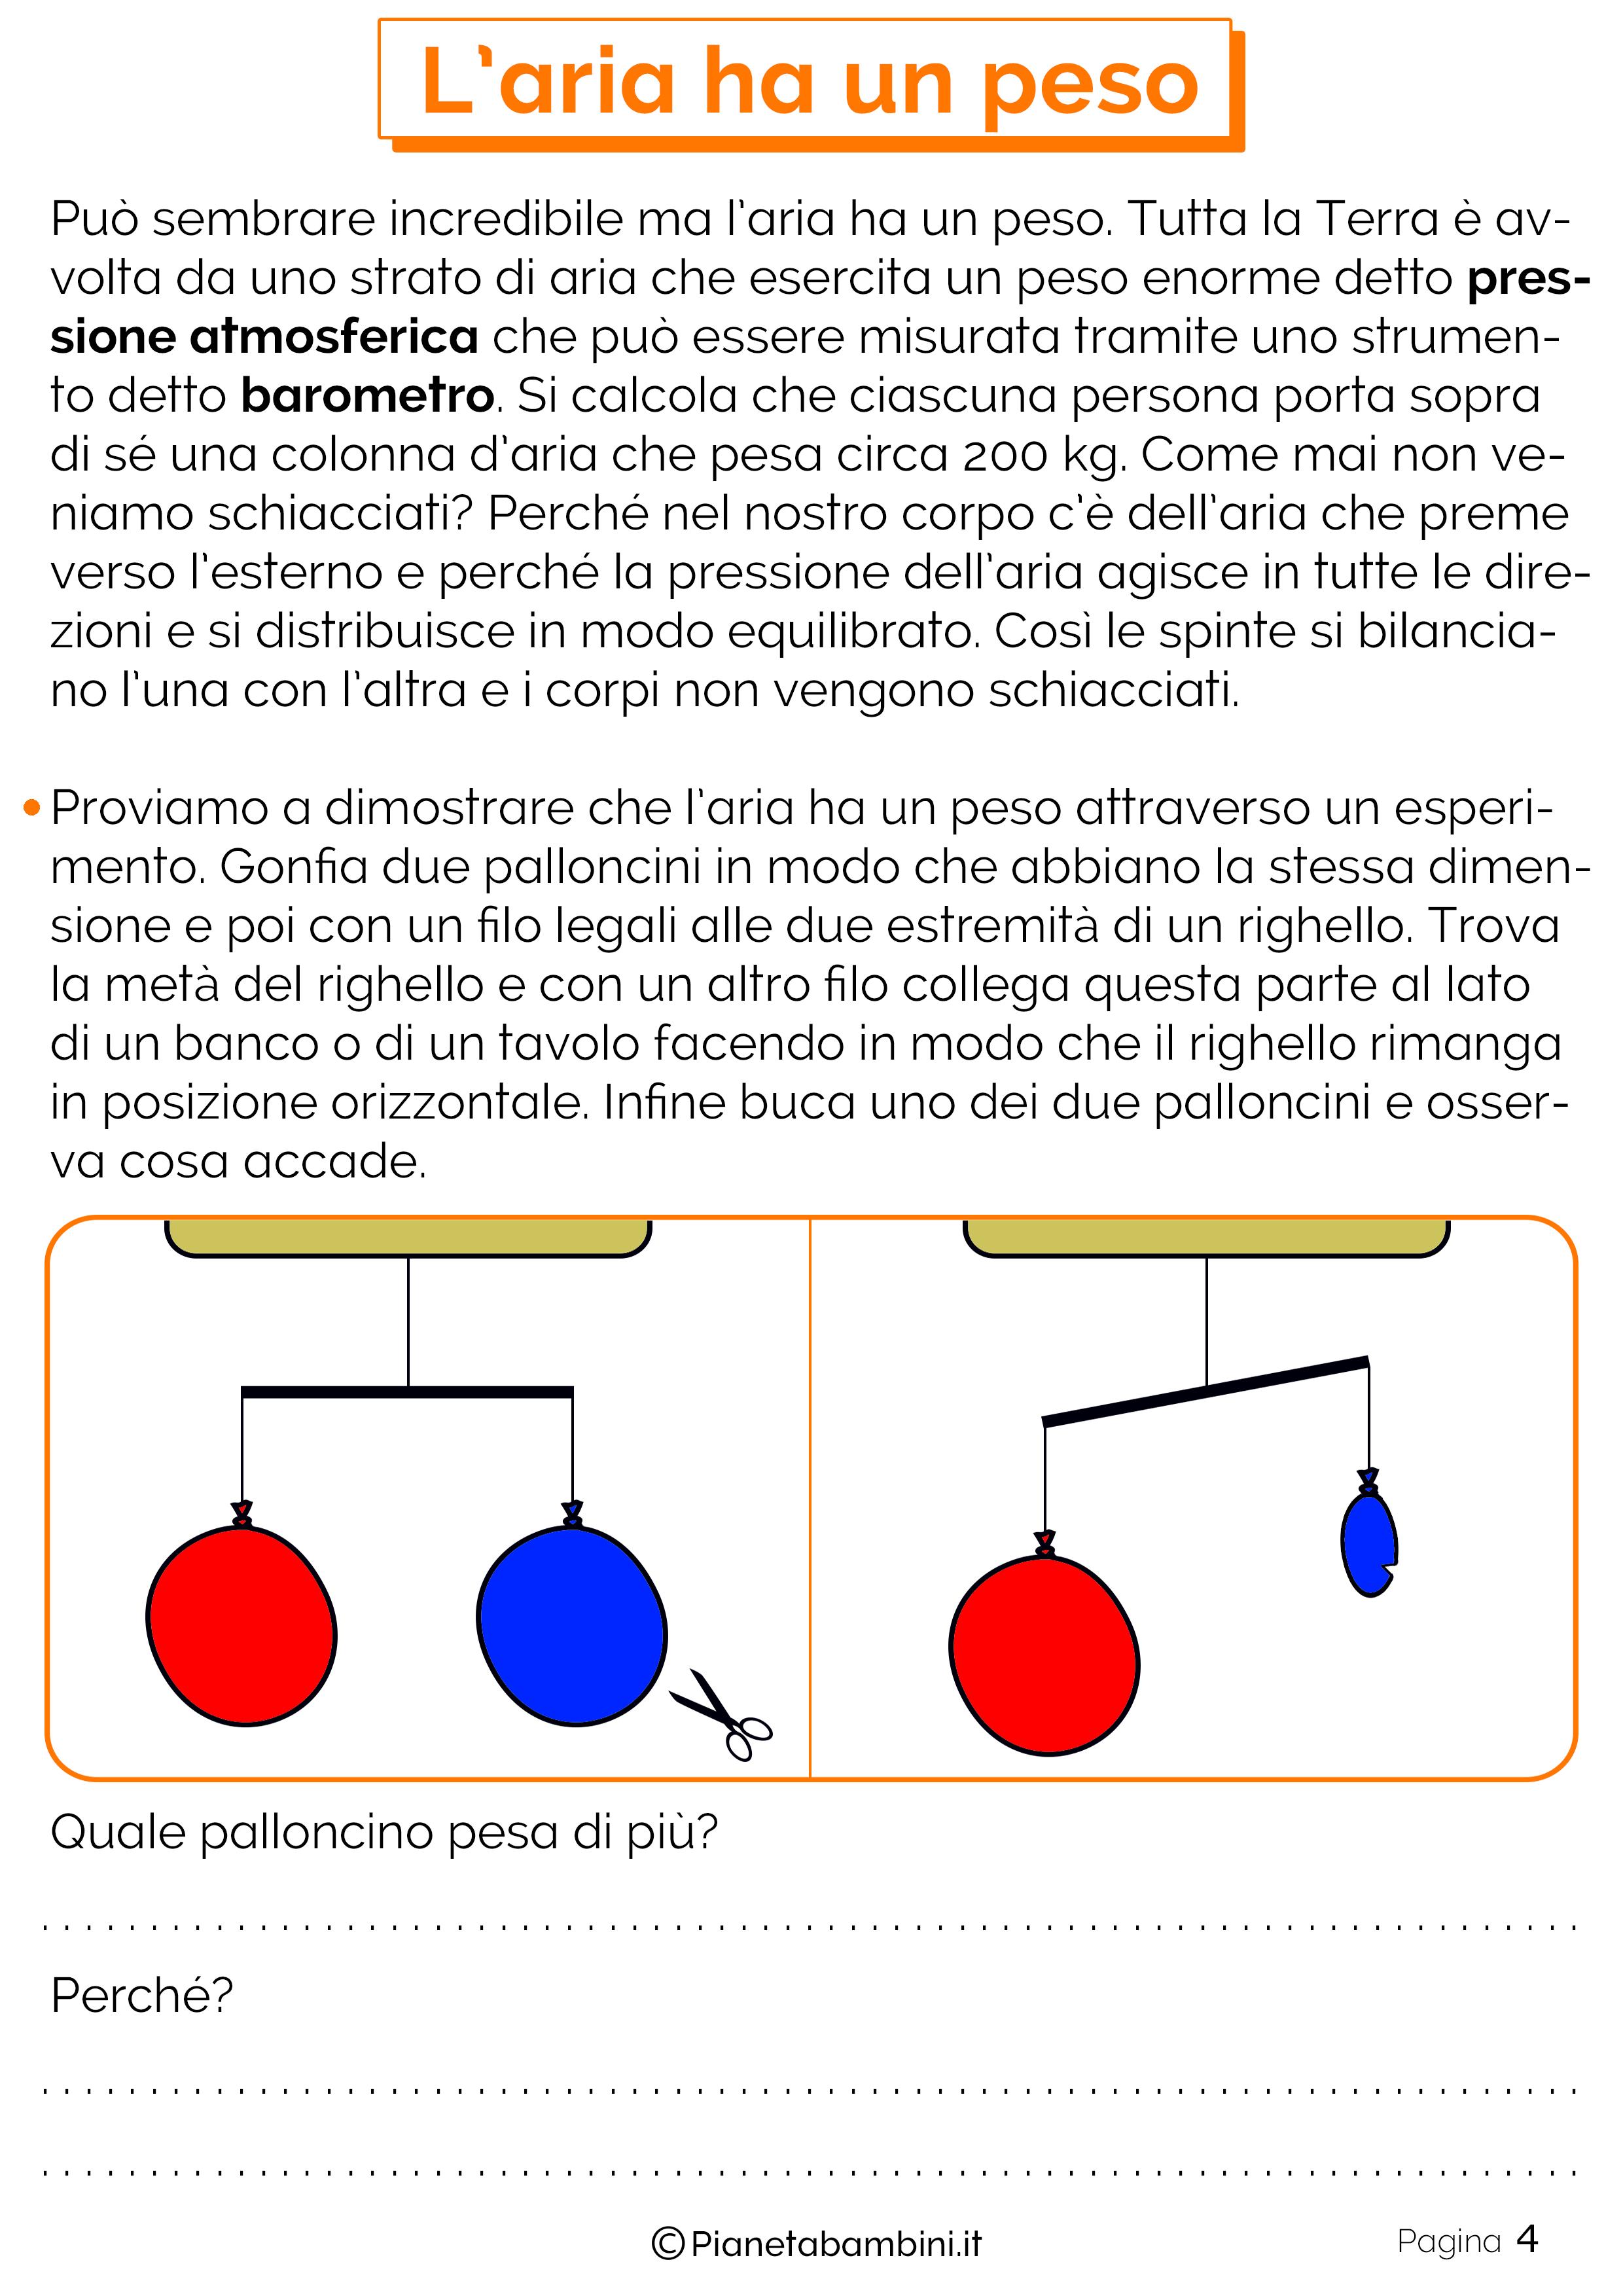 Esercizi sul peso dell'aria